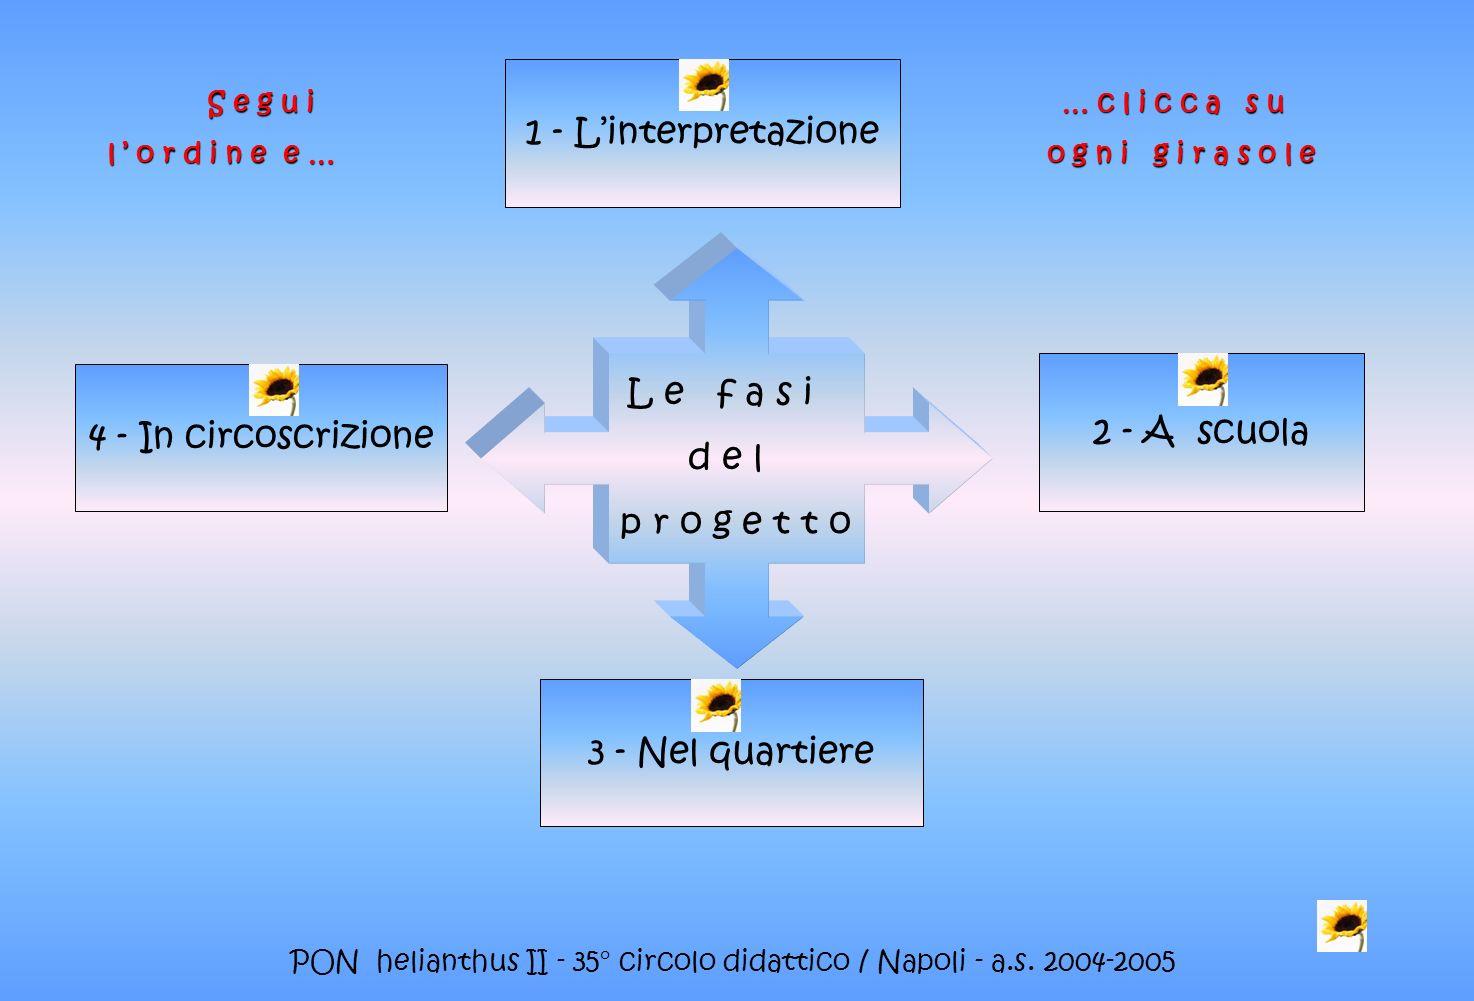 PON helianthus II - 35° circolo didattico / Napoli - a.s. 2004-2005 1 - Linterpretazione 2 - A scuola 3 - Nel quartiere 4 - In circoscrizione L e f a